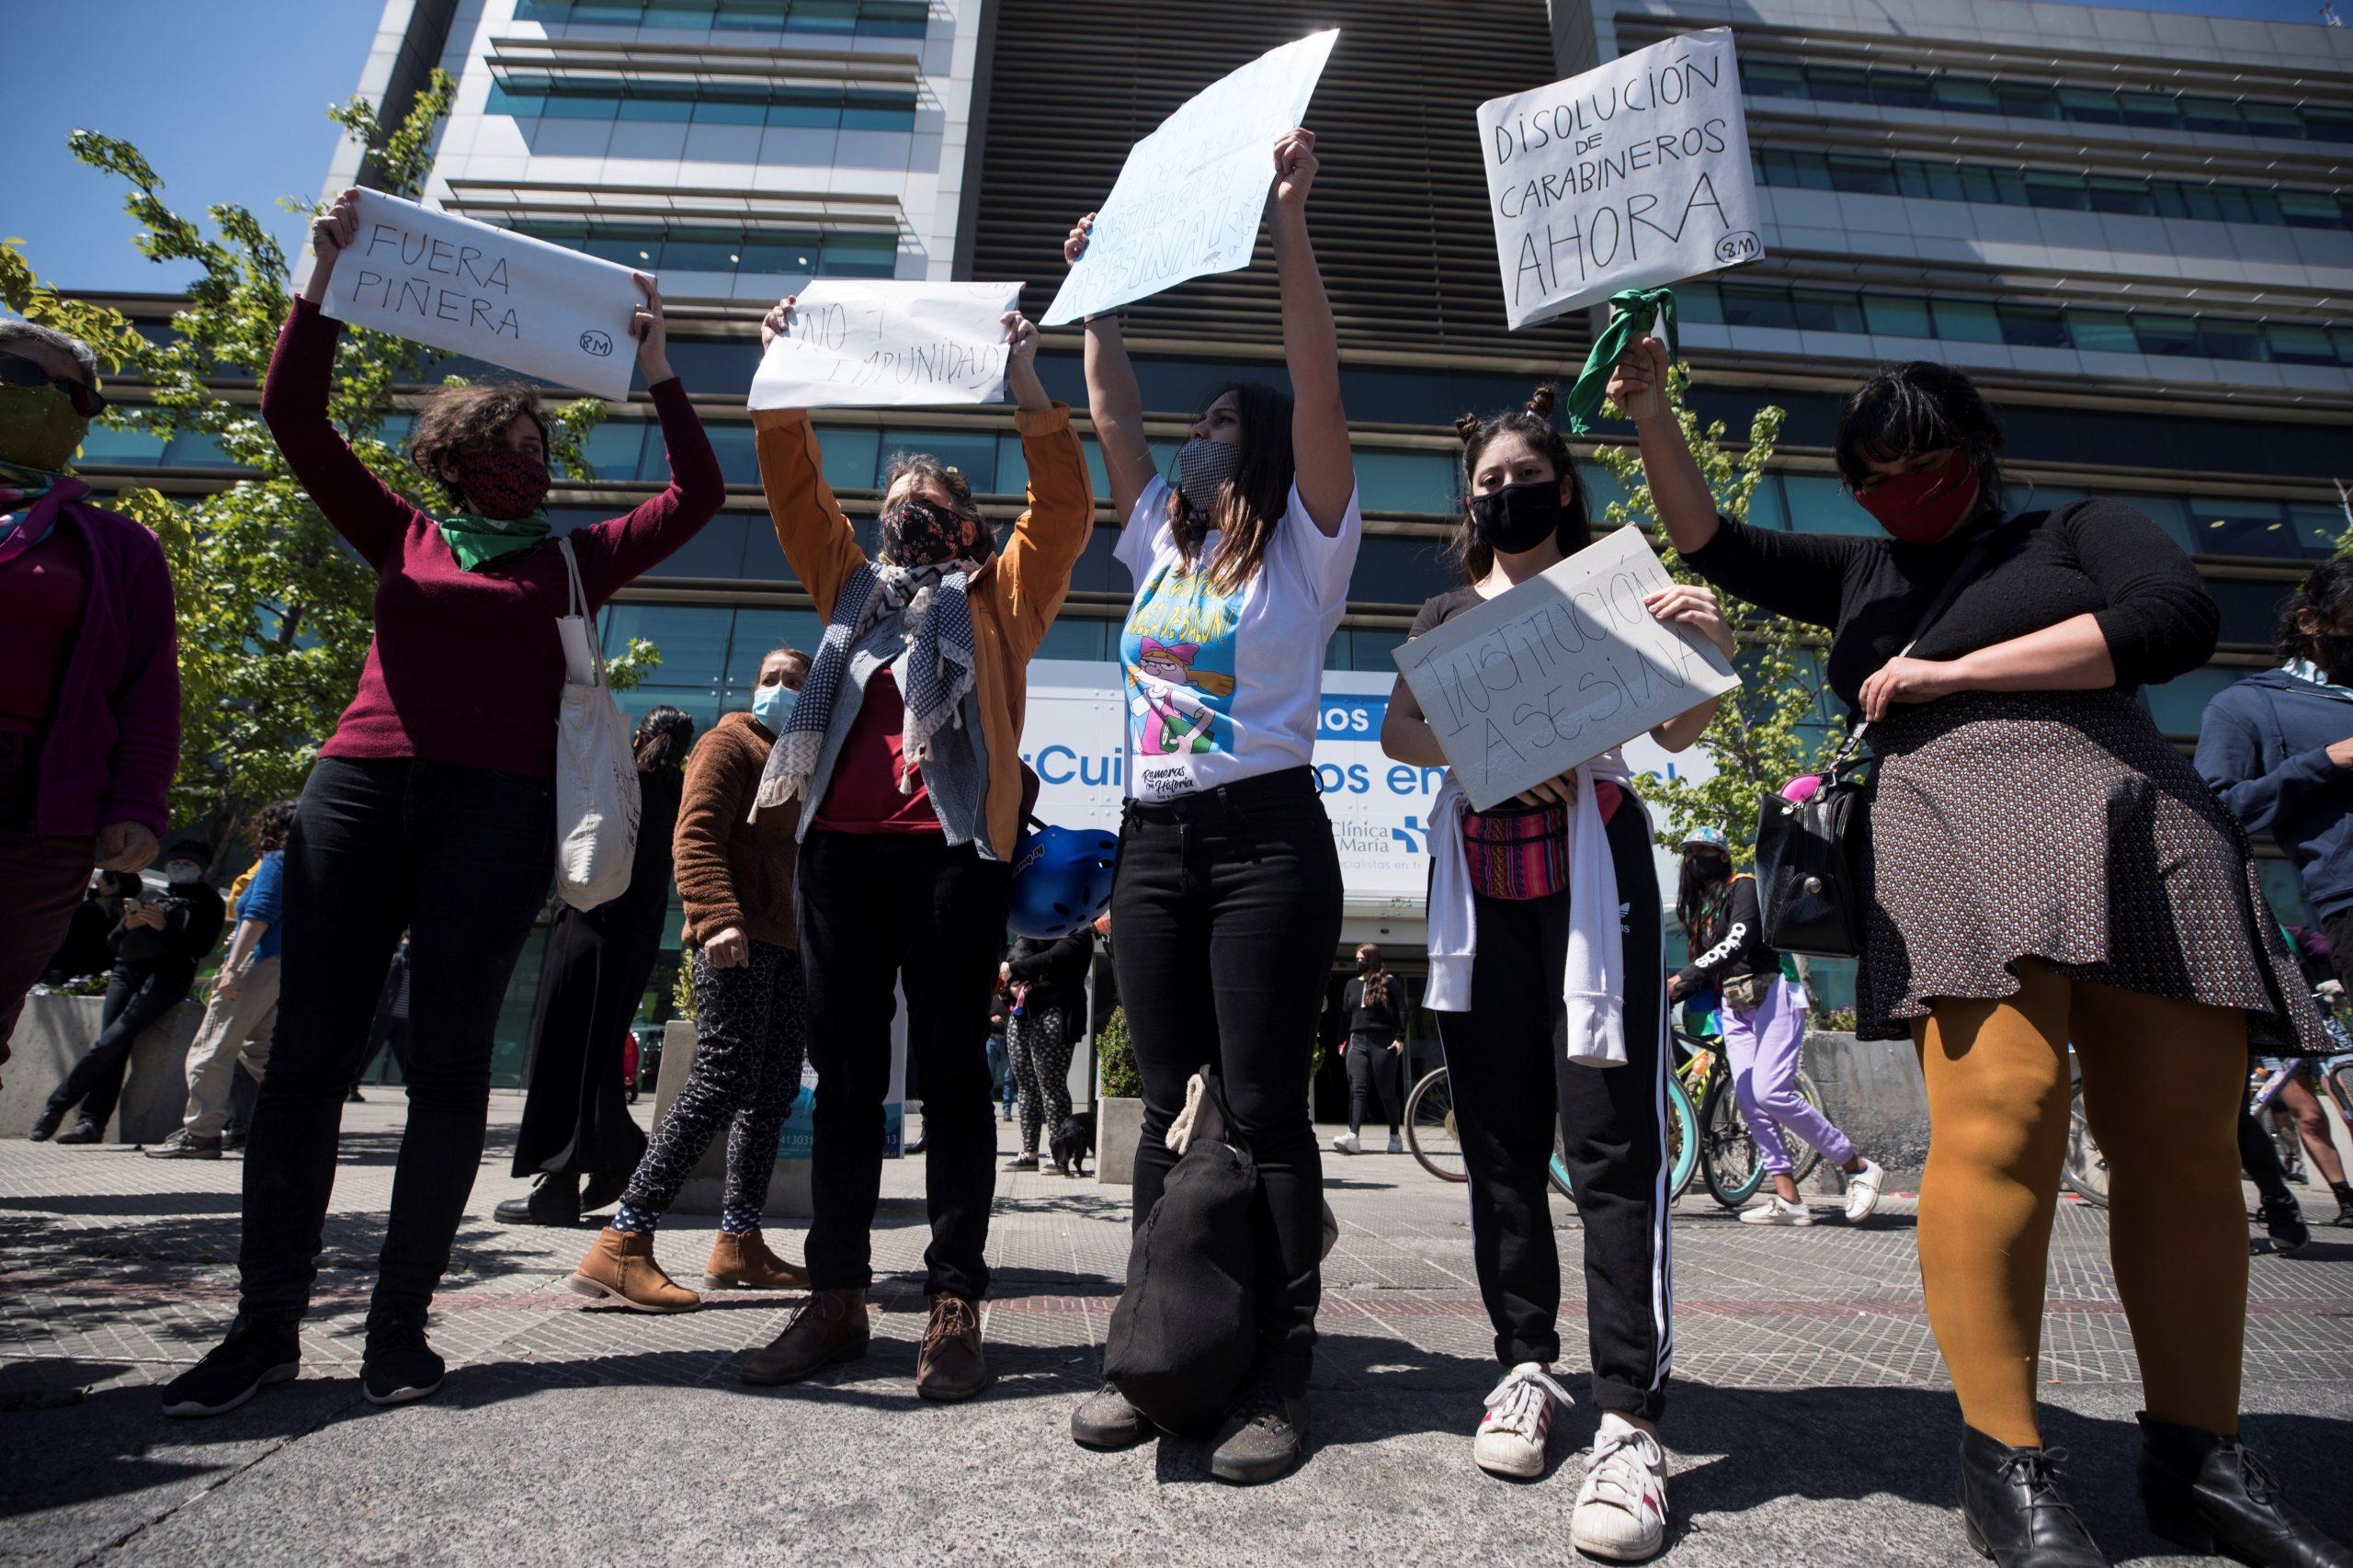 Cientos de personas protestan contra de la policía y en apoyo al menor de edad arrojado, presuntamente por Fuerzas Especiales de Carabineros, al río Mapocho en la entrada de la Clínica Santa María en Santiago (Chile), donde se encuentra ingresado. Foto de EFE/Alberto Valdes.